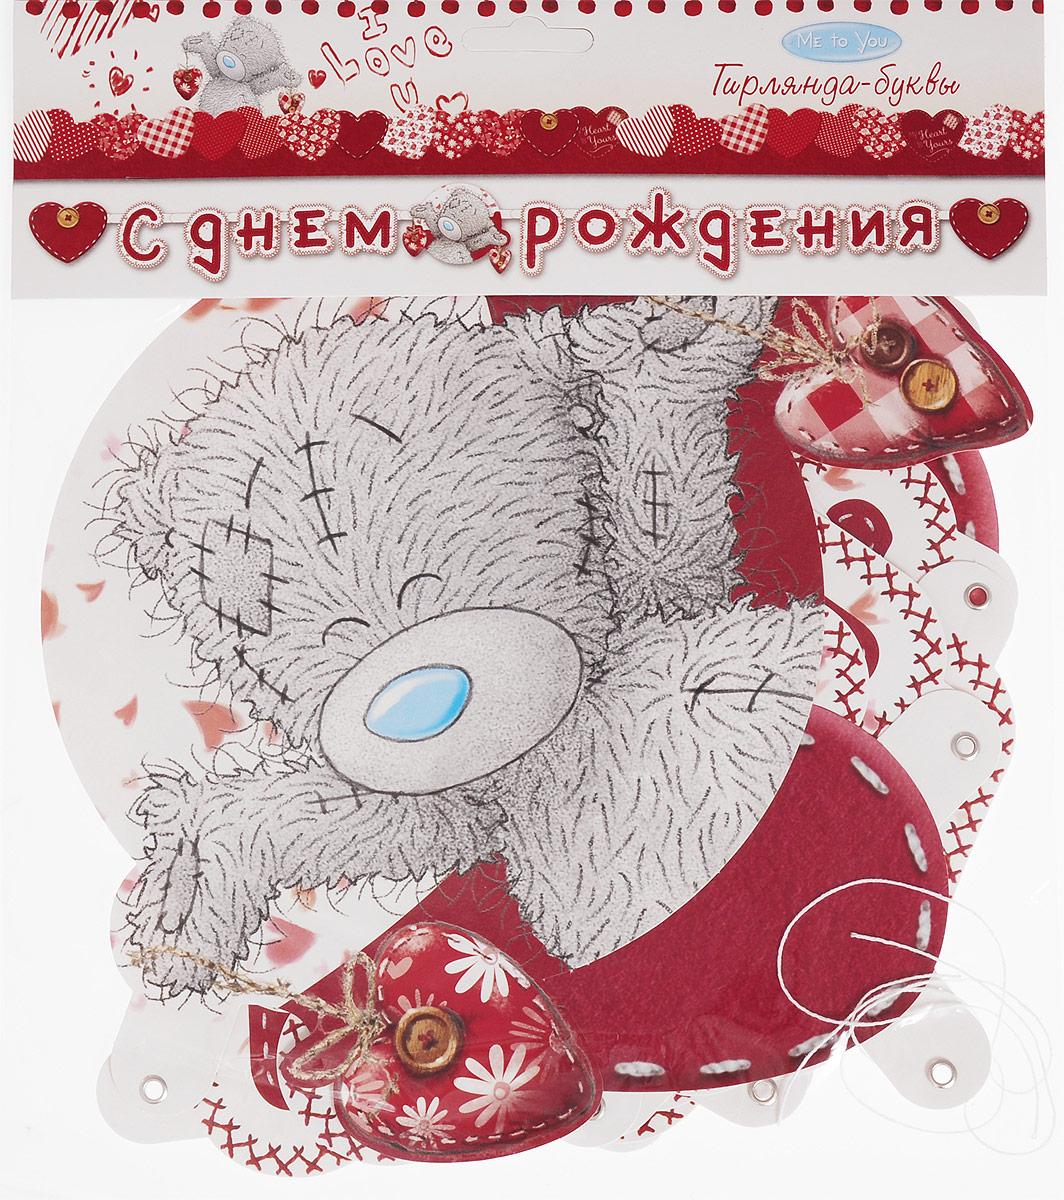 веселая затея гирлянда буквы с днем рождения пчелка майя Веселая затея Гирлянда-буквы С днем рождения Me to you